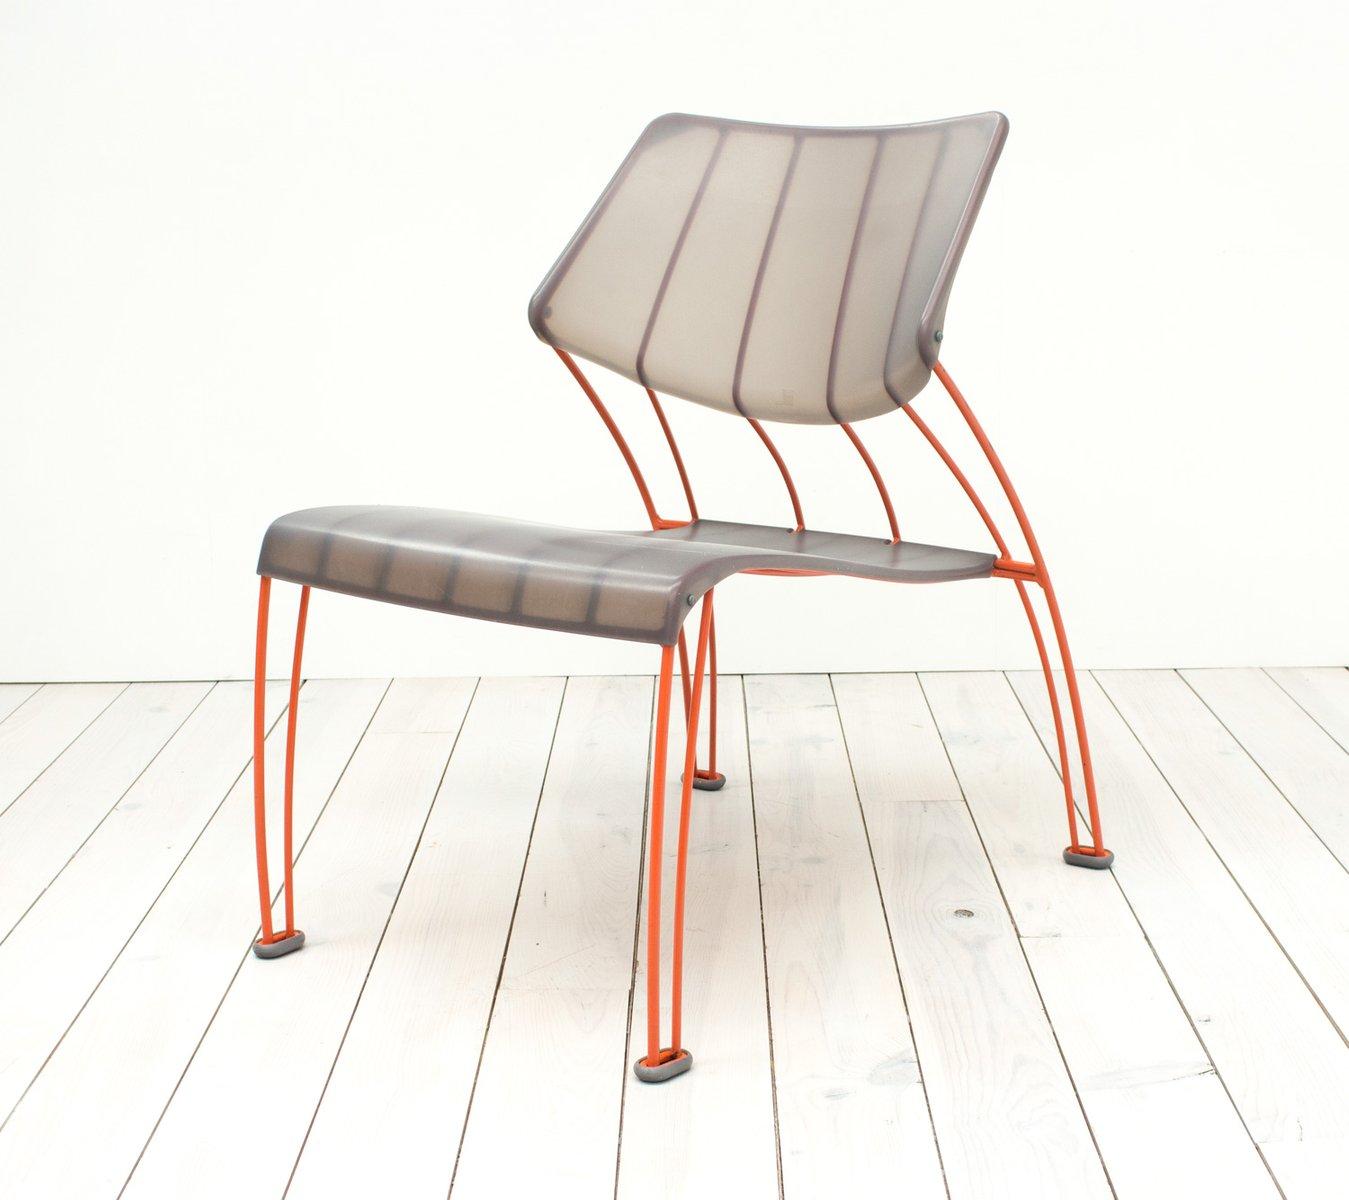 Ps hasslo stuhl von monika mulder f r ikea 1990er bei for Design stuhl ikea